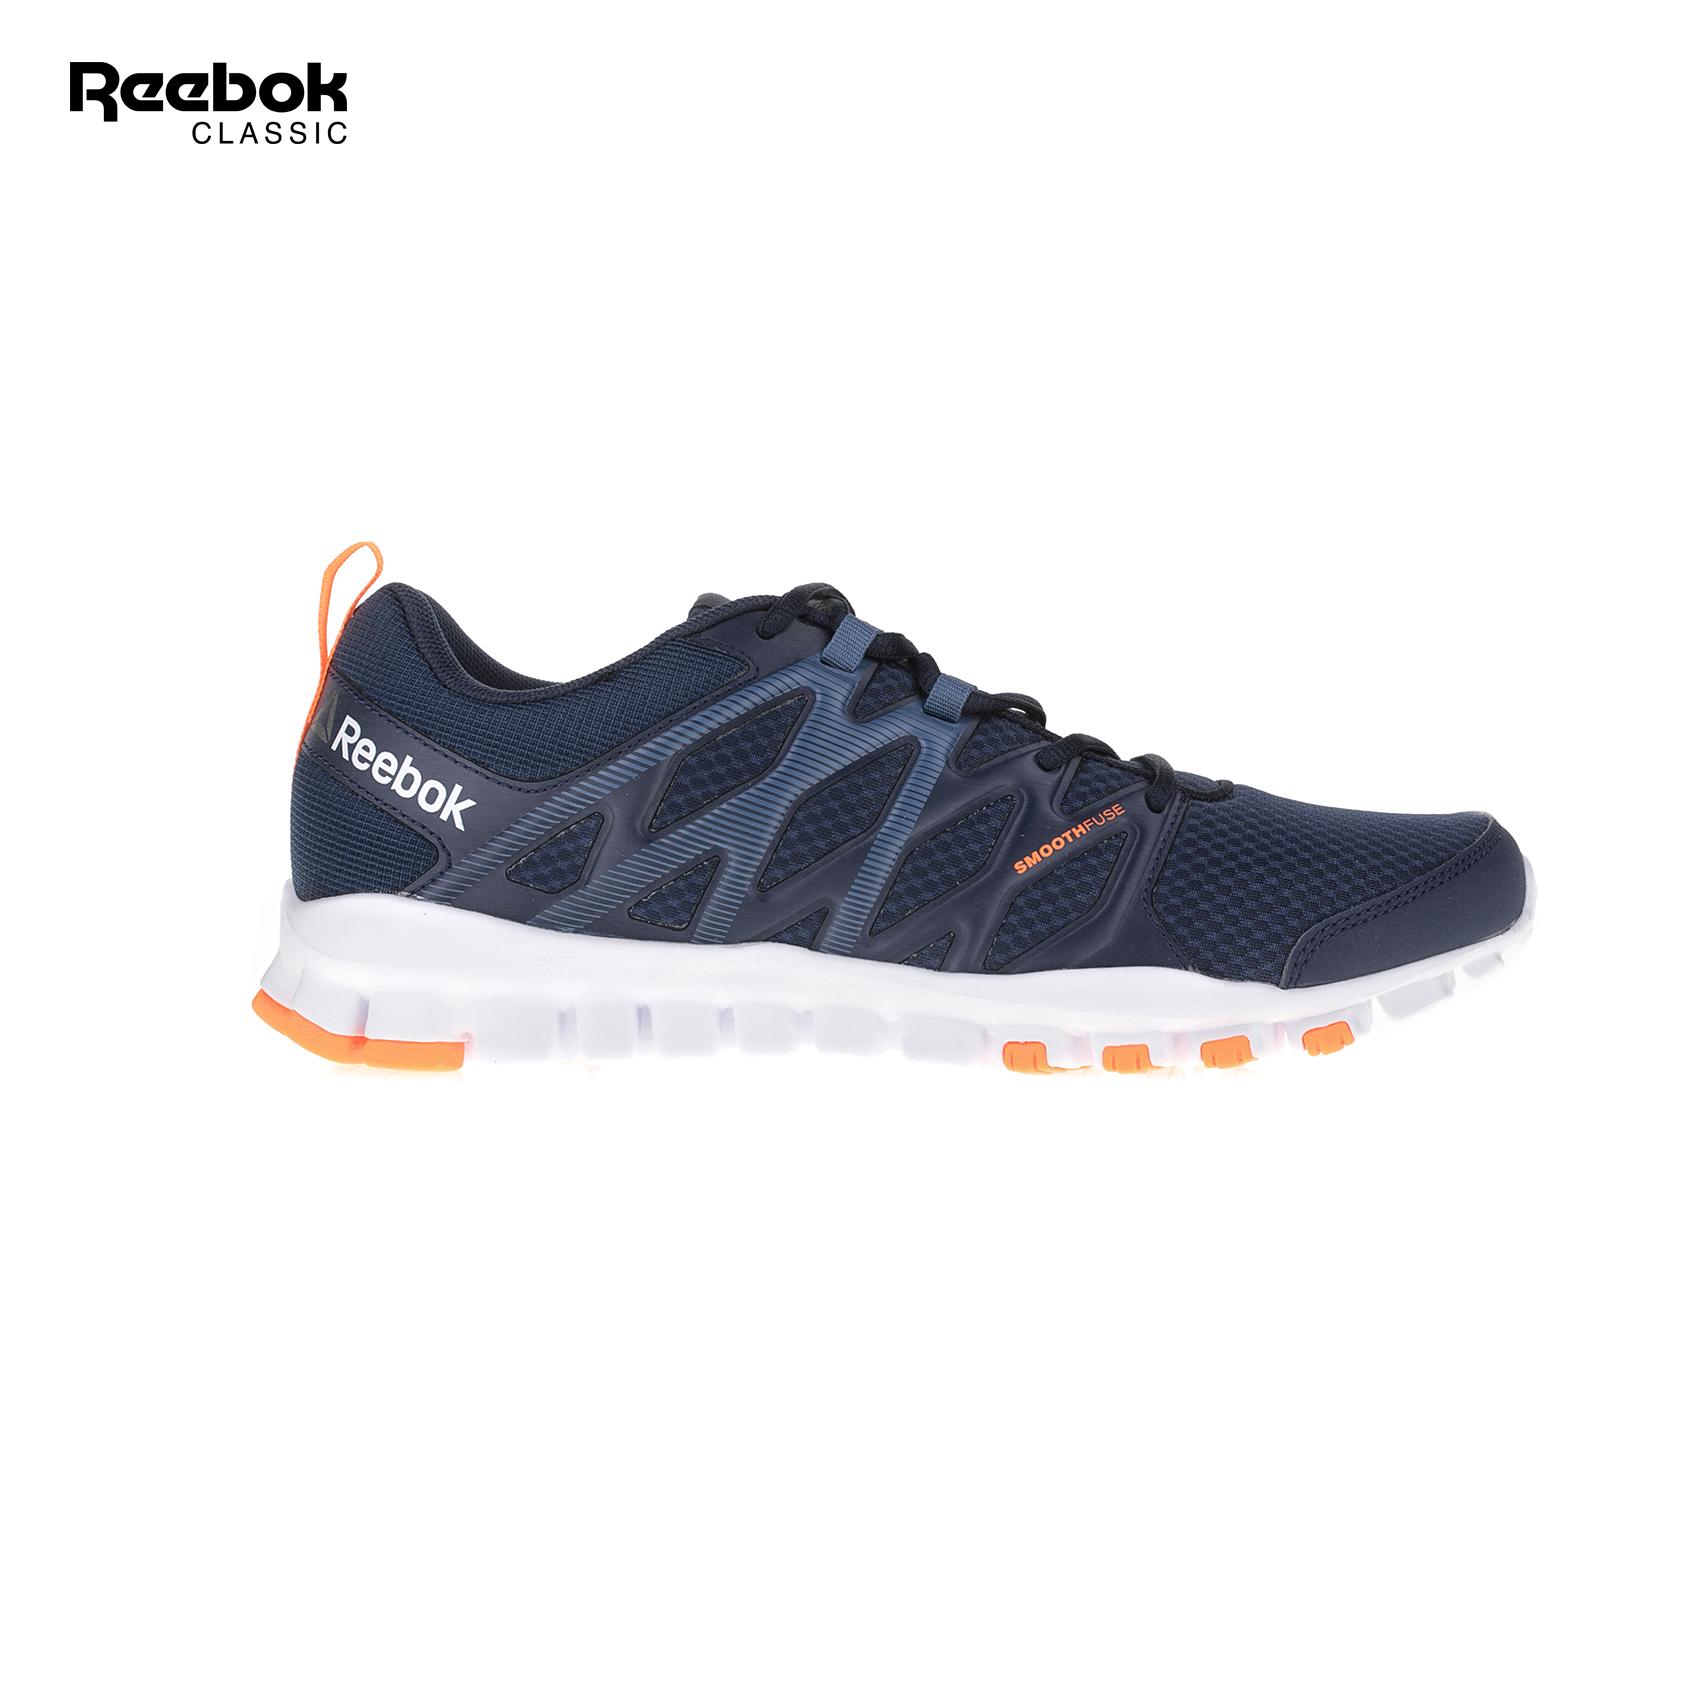 3ead5aa6ee7 REEBOK CLASSIC - Ανδρικά παπούτσια REEBOK REALFLEX TRAIN 4.0 μπλε